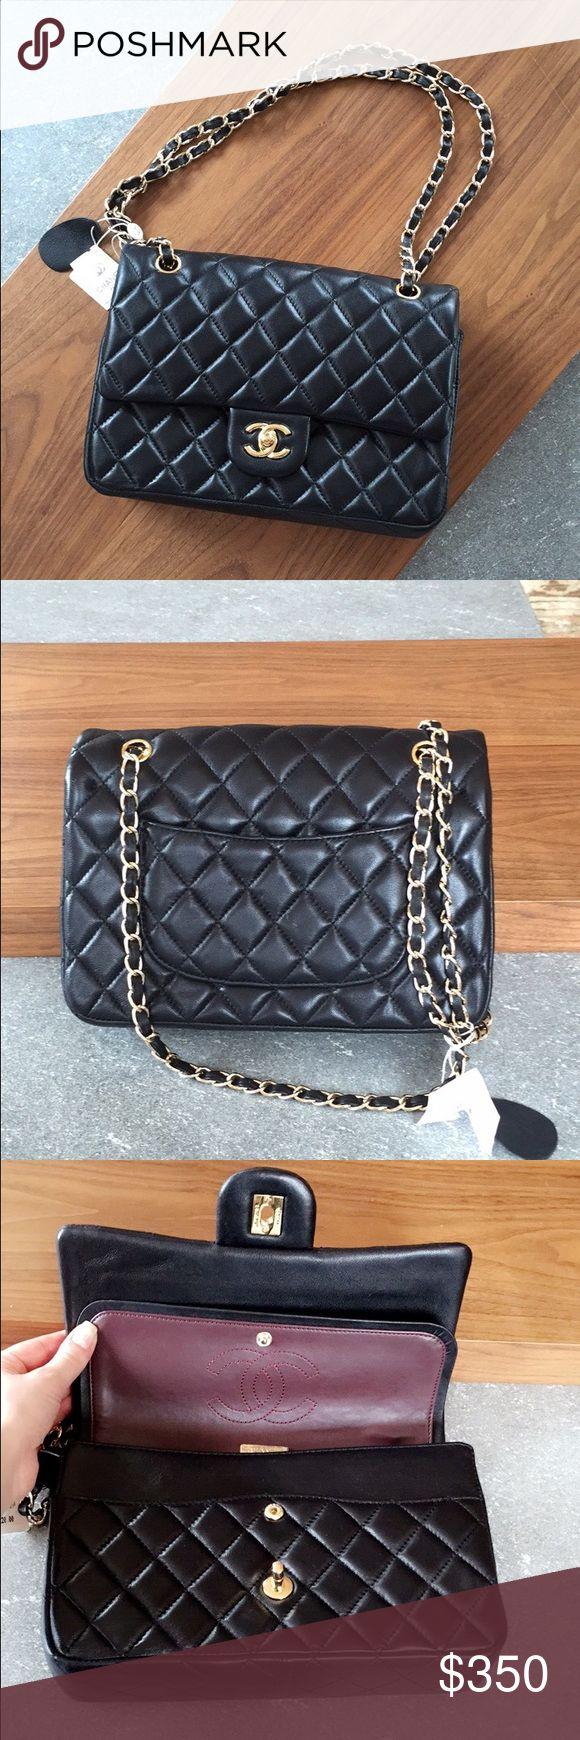 Chanel handbag superb vintage chanel bag vintage leather - 100 Leather Chanel Flap Bag Firm On Nwt